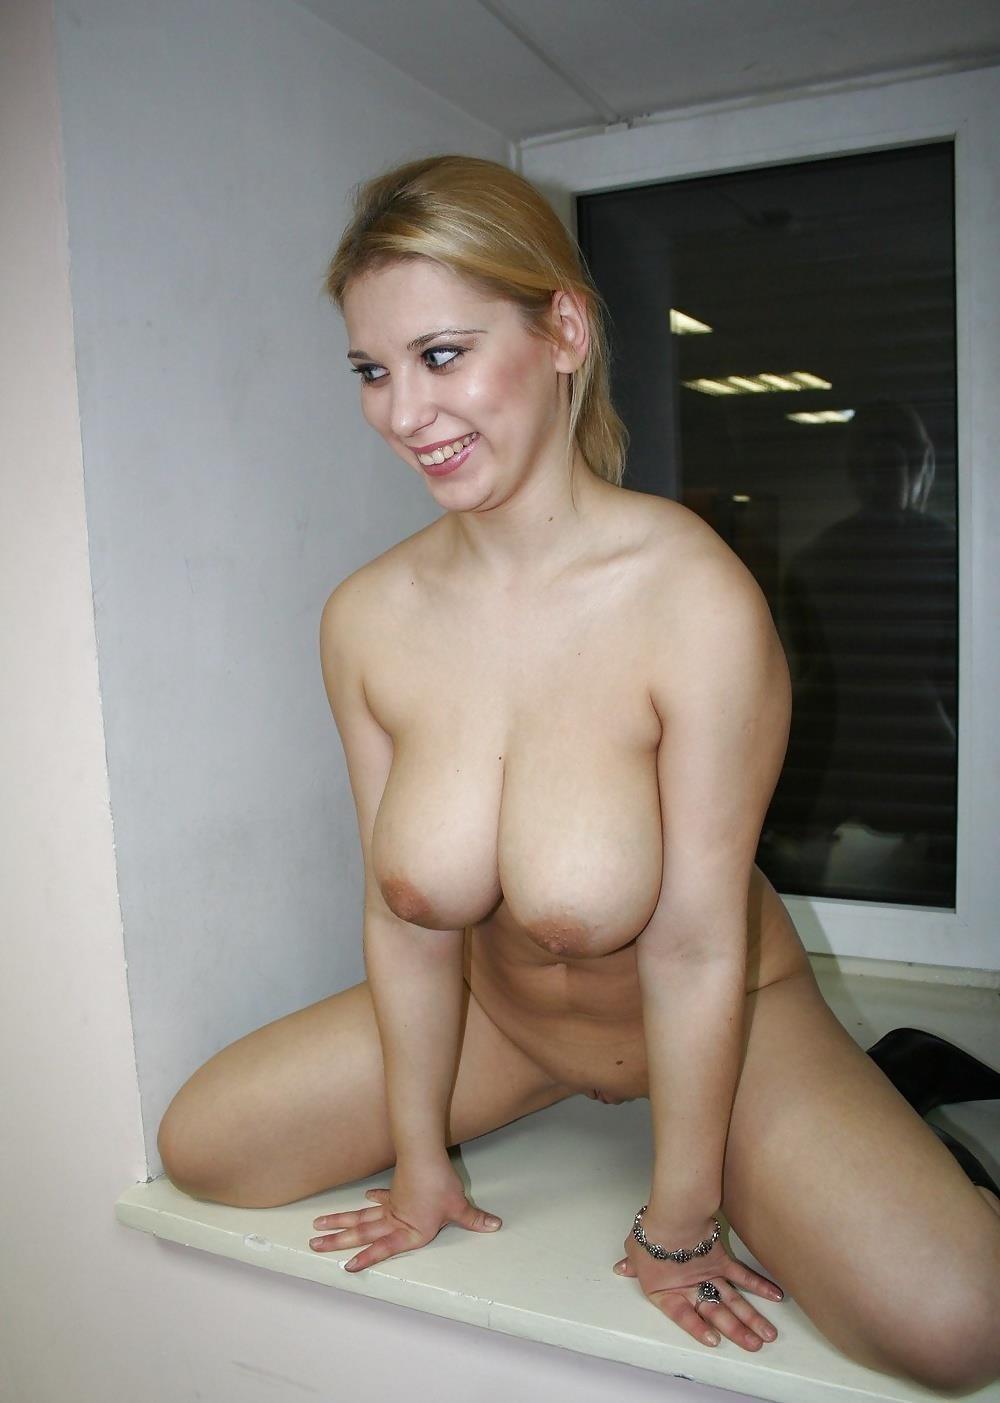 Milf amateur big tits-6298